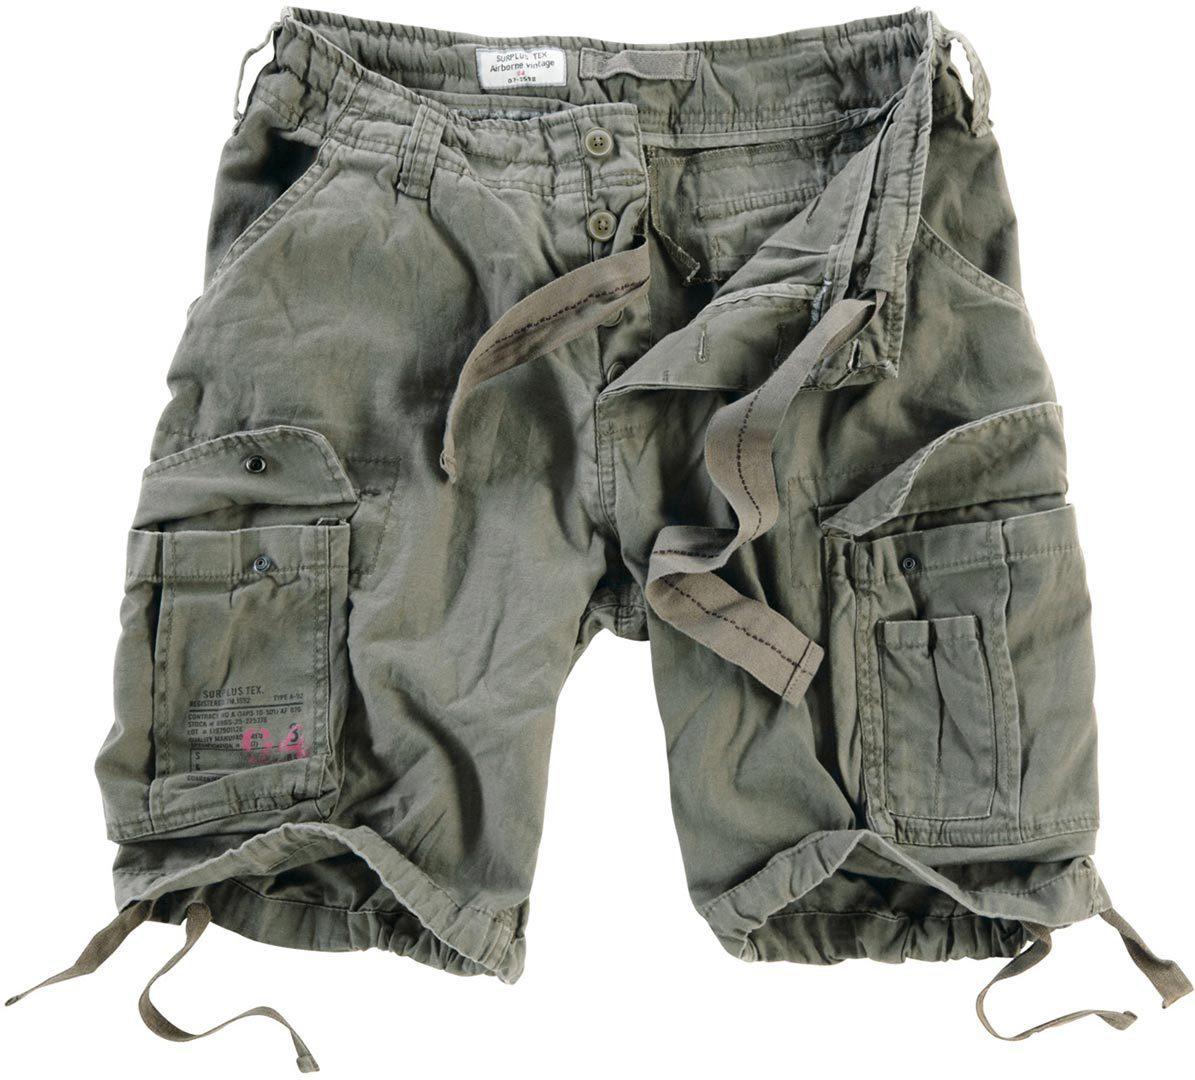 Surplus Airborne Vintage Shorts, grün, Größe L, grün, Größe L